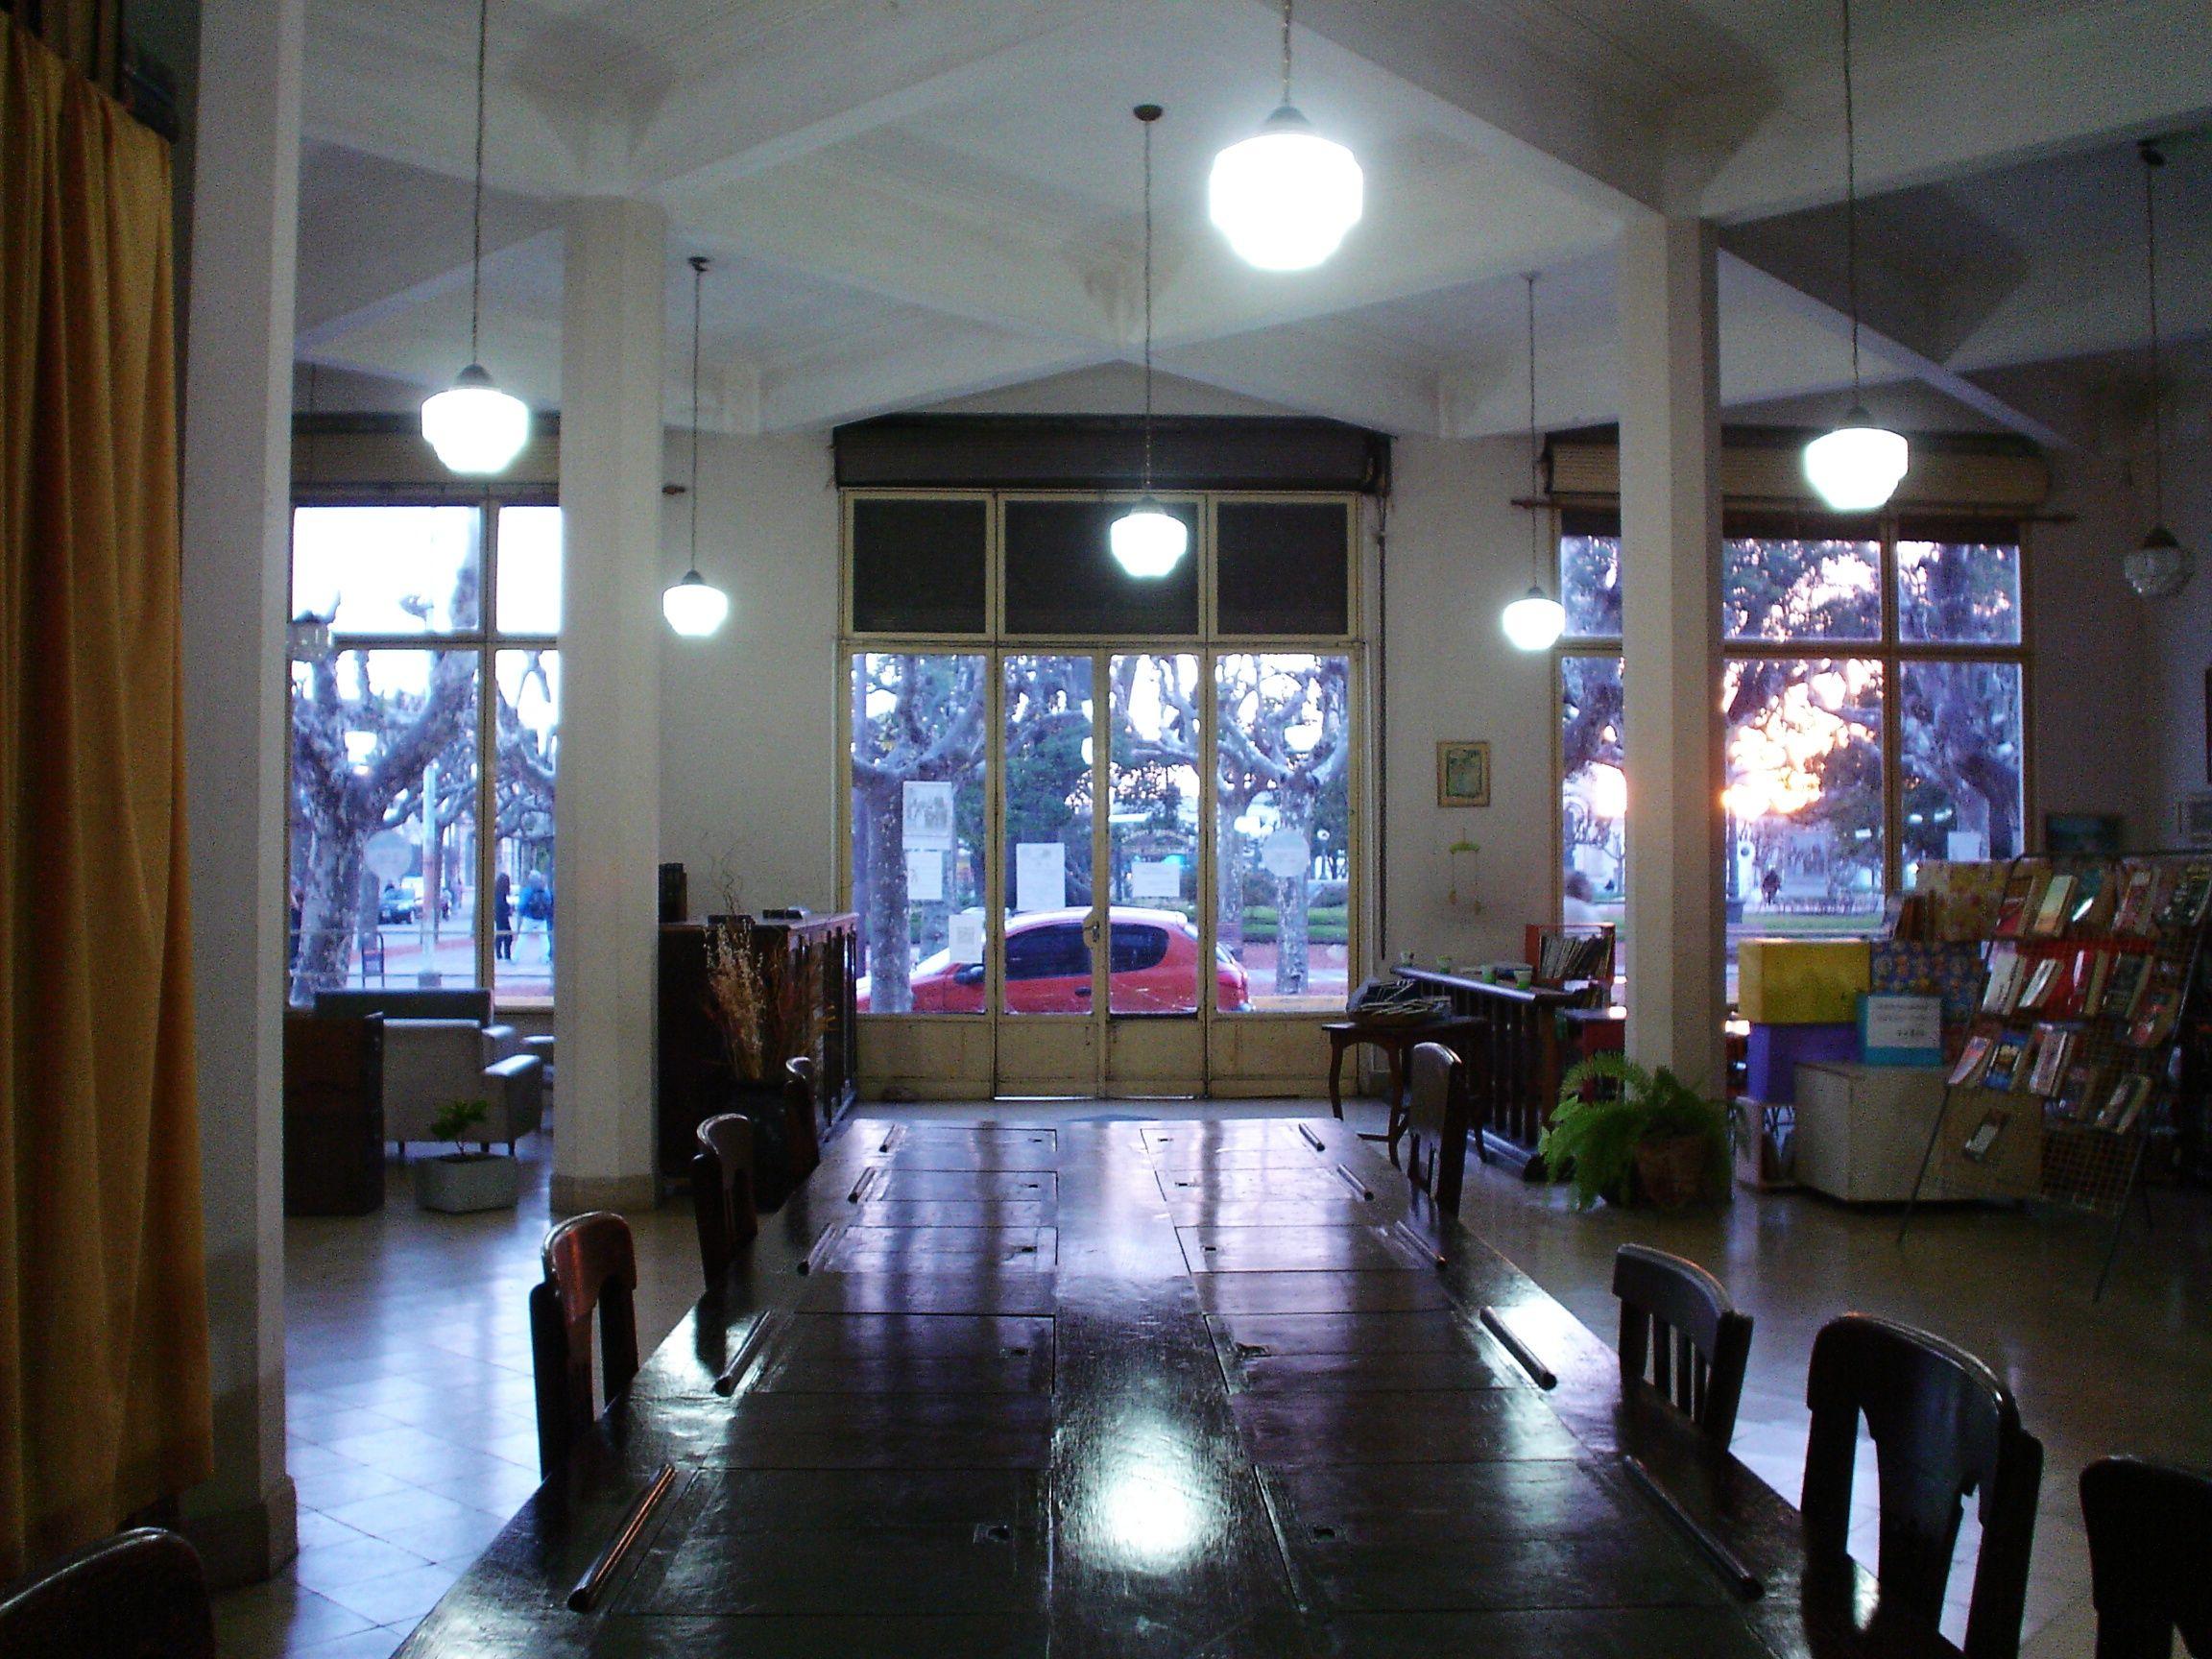 Atardecer de invierno desde Biblioteca Juan Francisco Ibarra - 25 de Mayo- Buenos Aires - Argentina